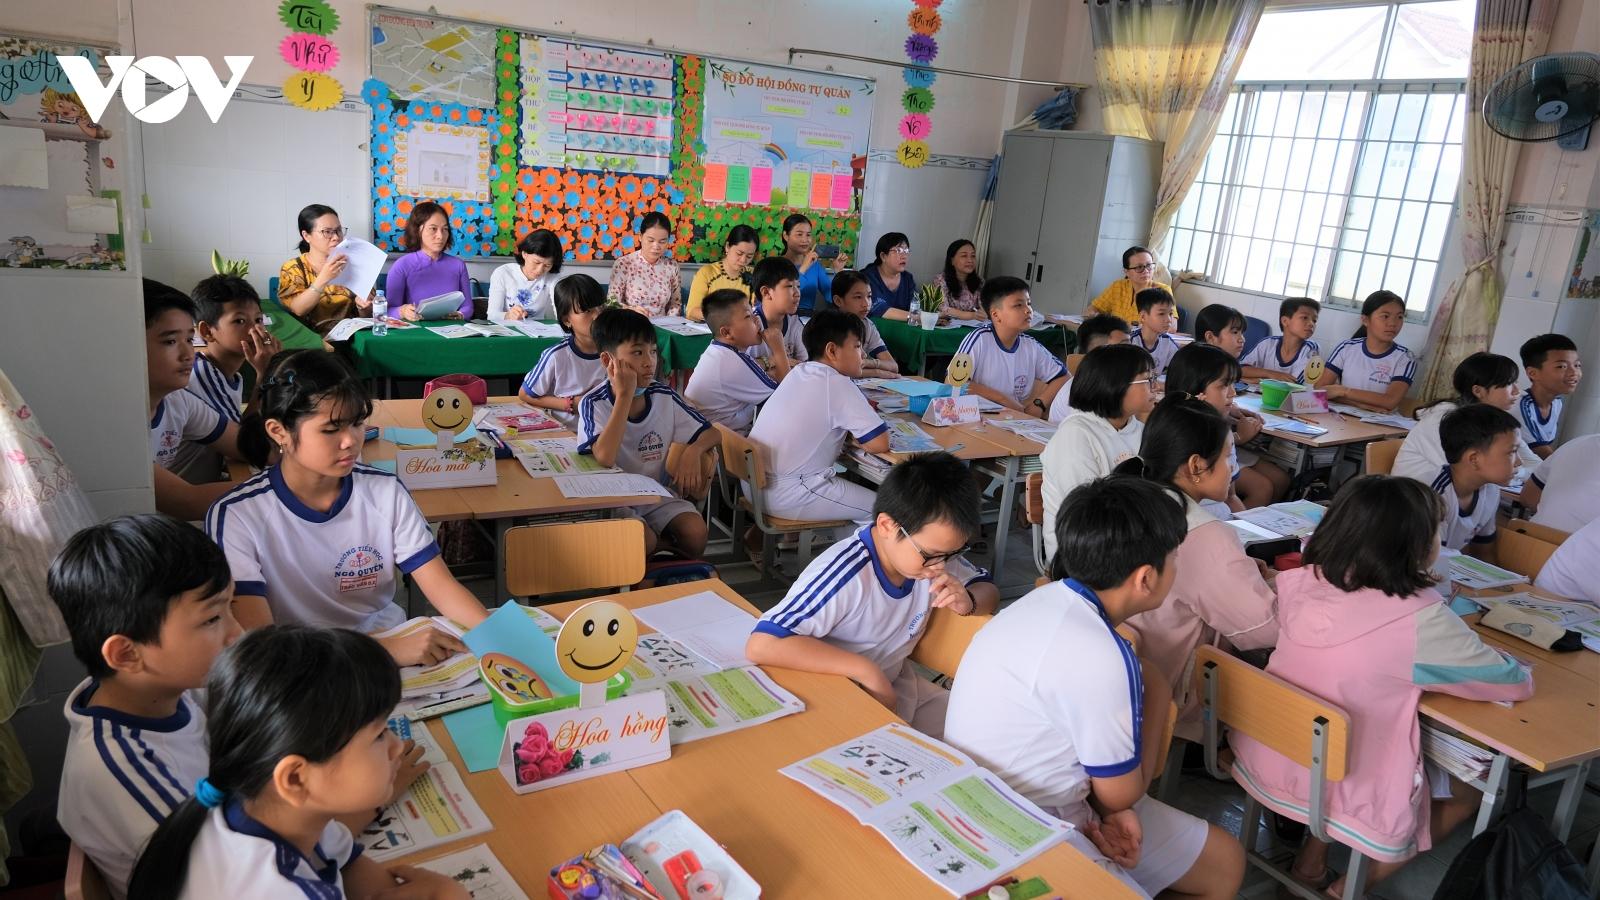 """Học sinh, giáo viên Cần Thơ """"bắt nhịp"""" tốt với Chương trình giáo dục phổ thông mới"""